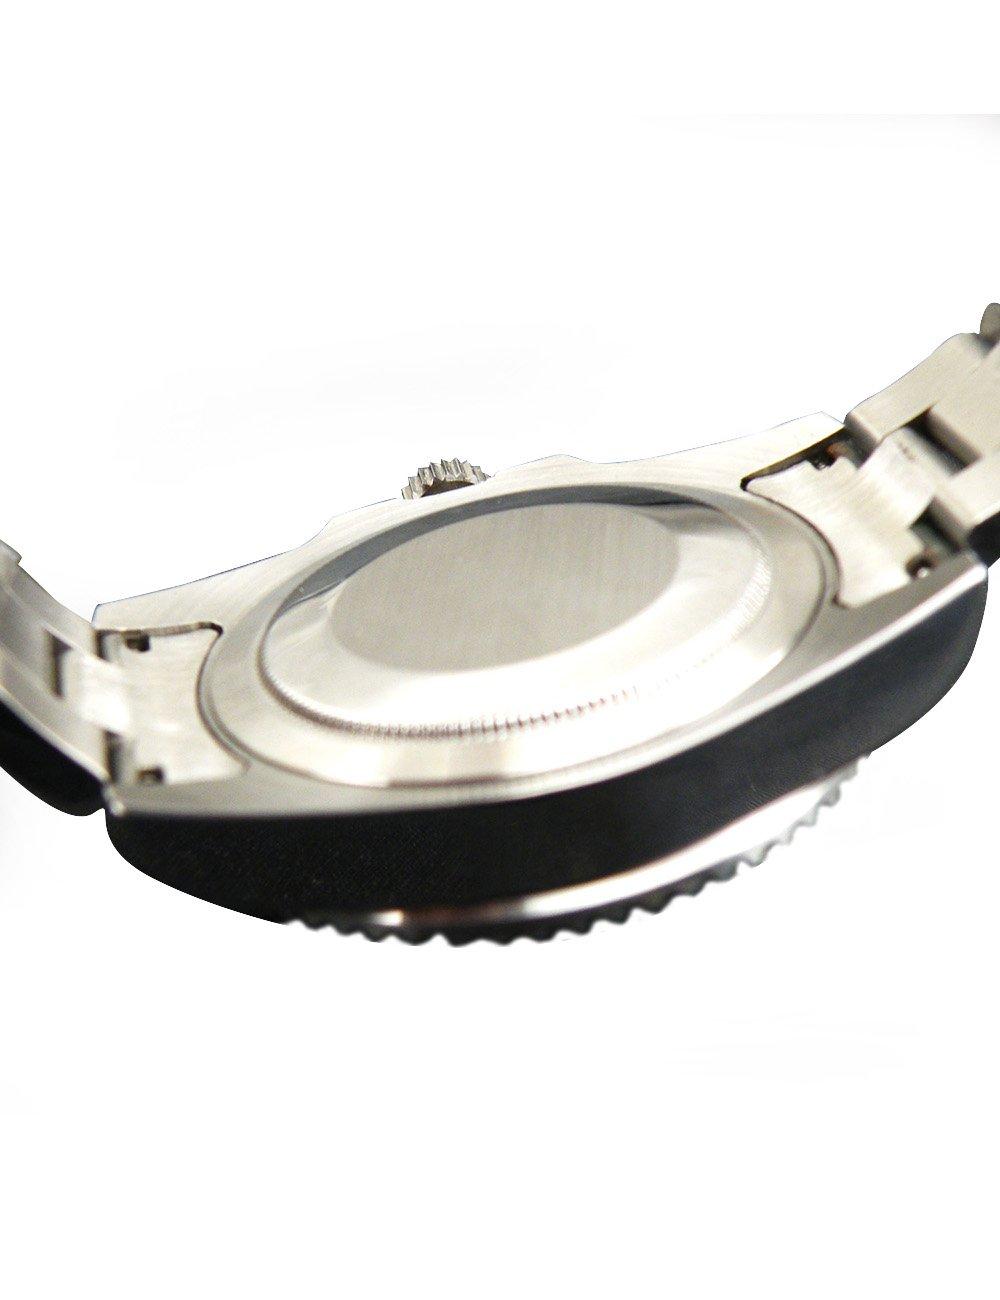 Whatswatch Parnis Submariner Ceramic Bezel Sapphire Glass Automatic Watch Luminous ZA-228